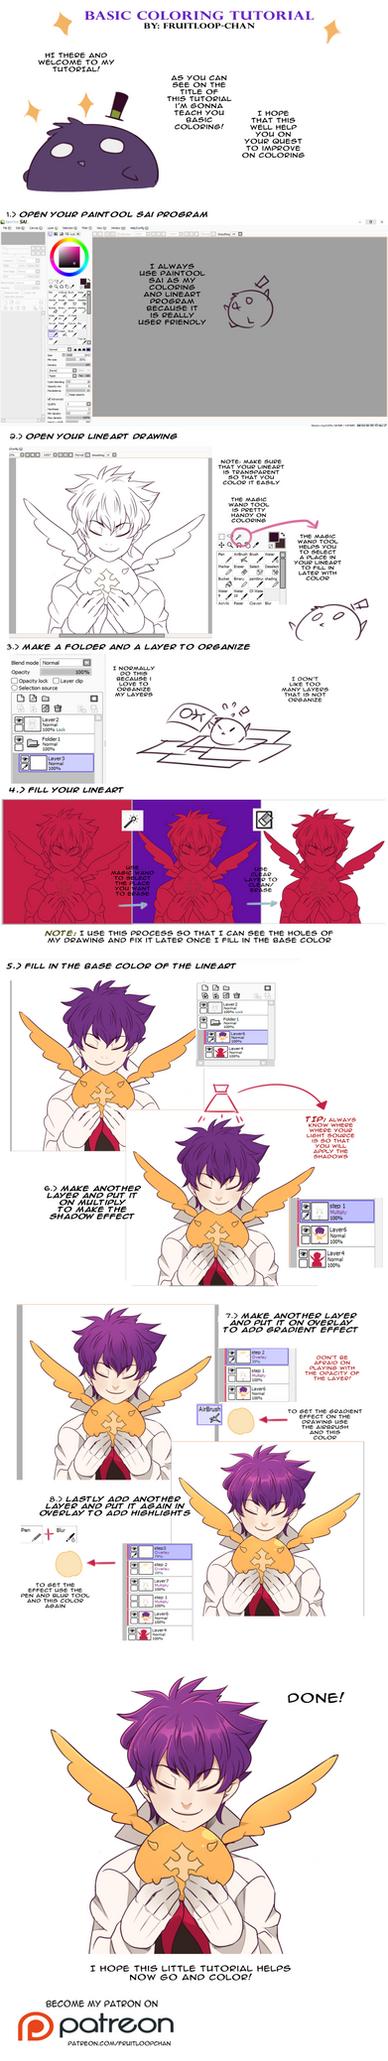 Basic coloring Tutorial by Fruitloop-chan